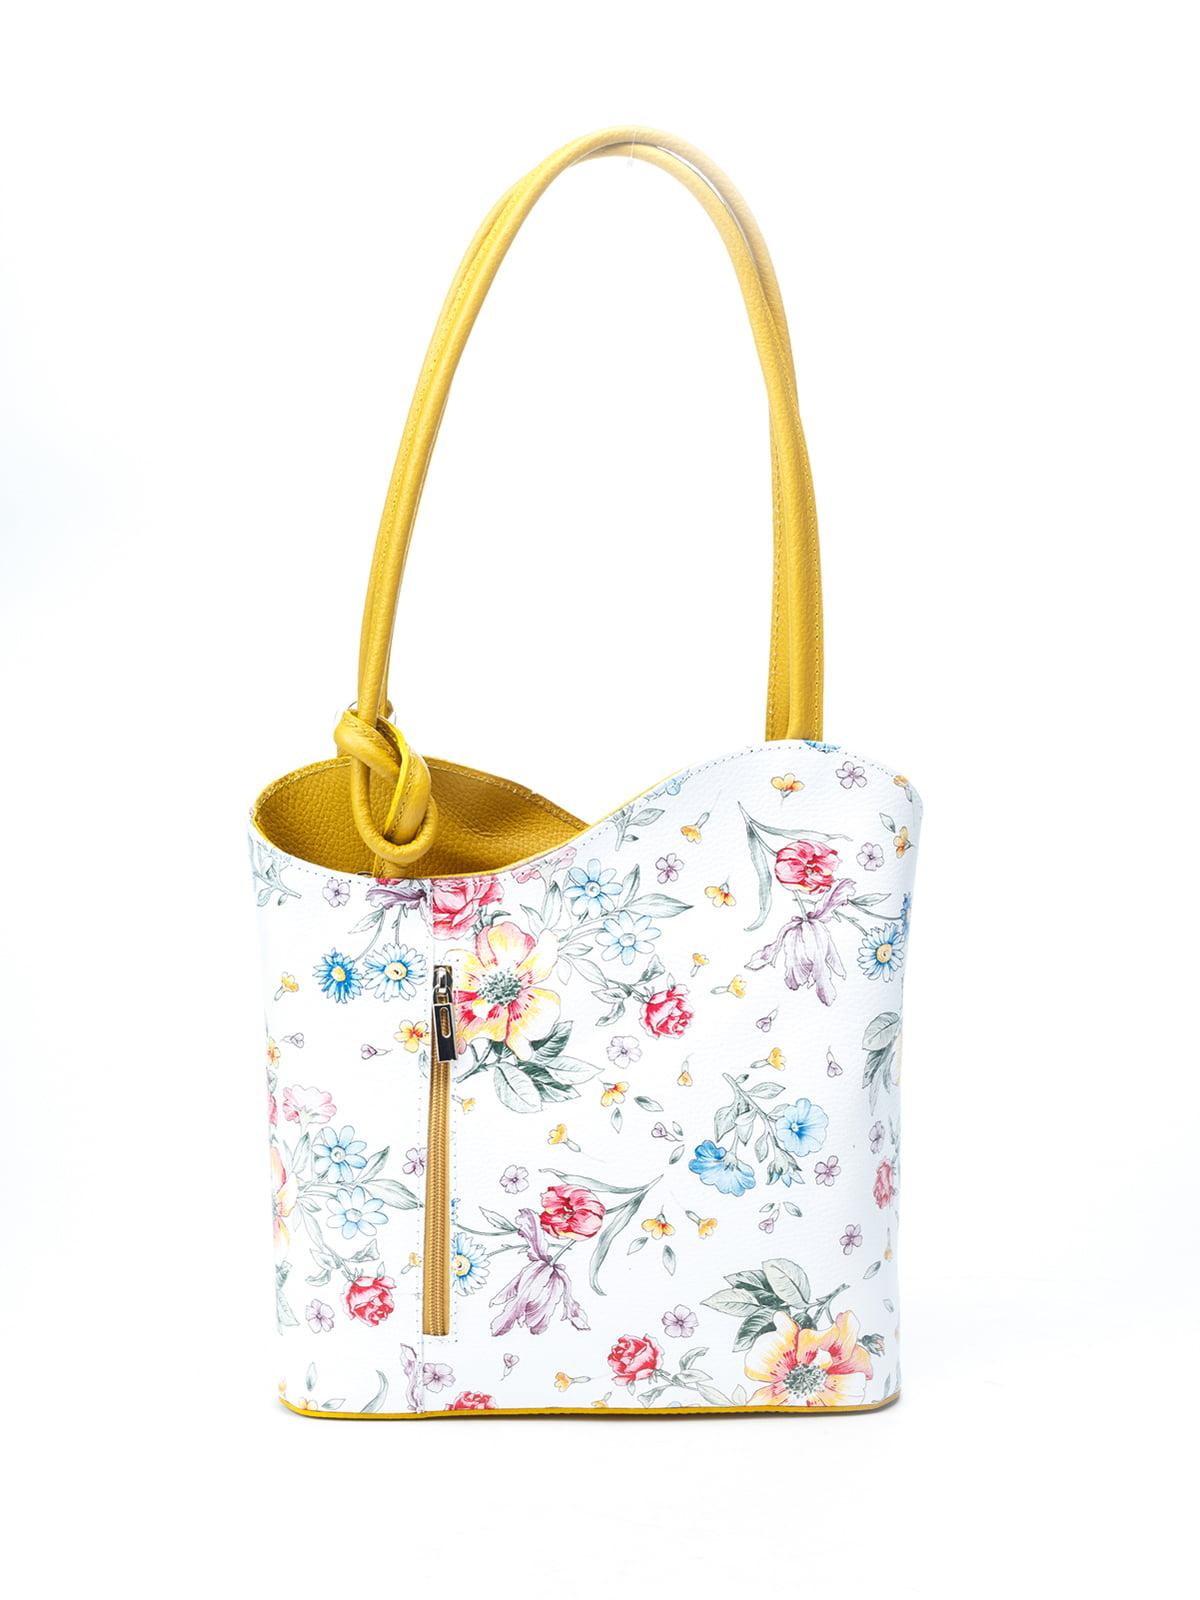 Рюкзак-сумка бело-горчичного цвета с цветочным принтом | 5096779